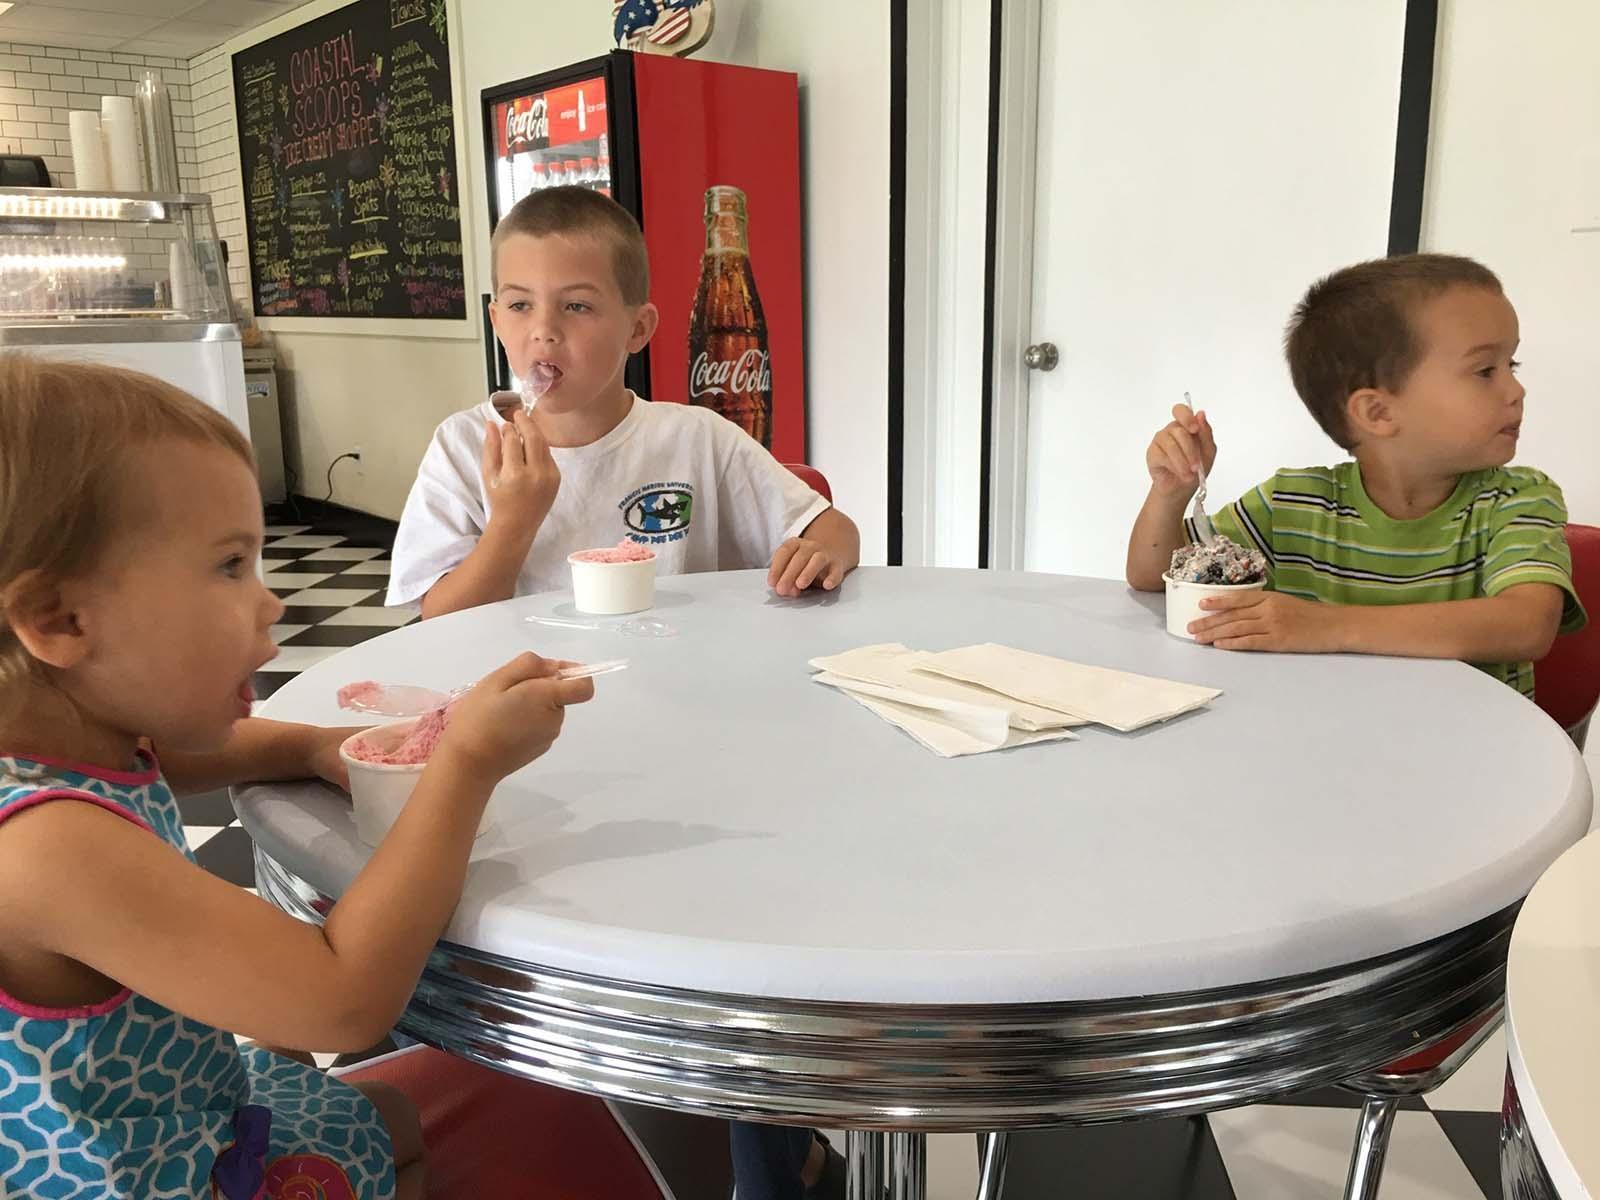 Siblings eating ice cream in coastal scoops